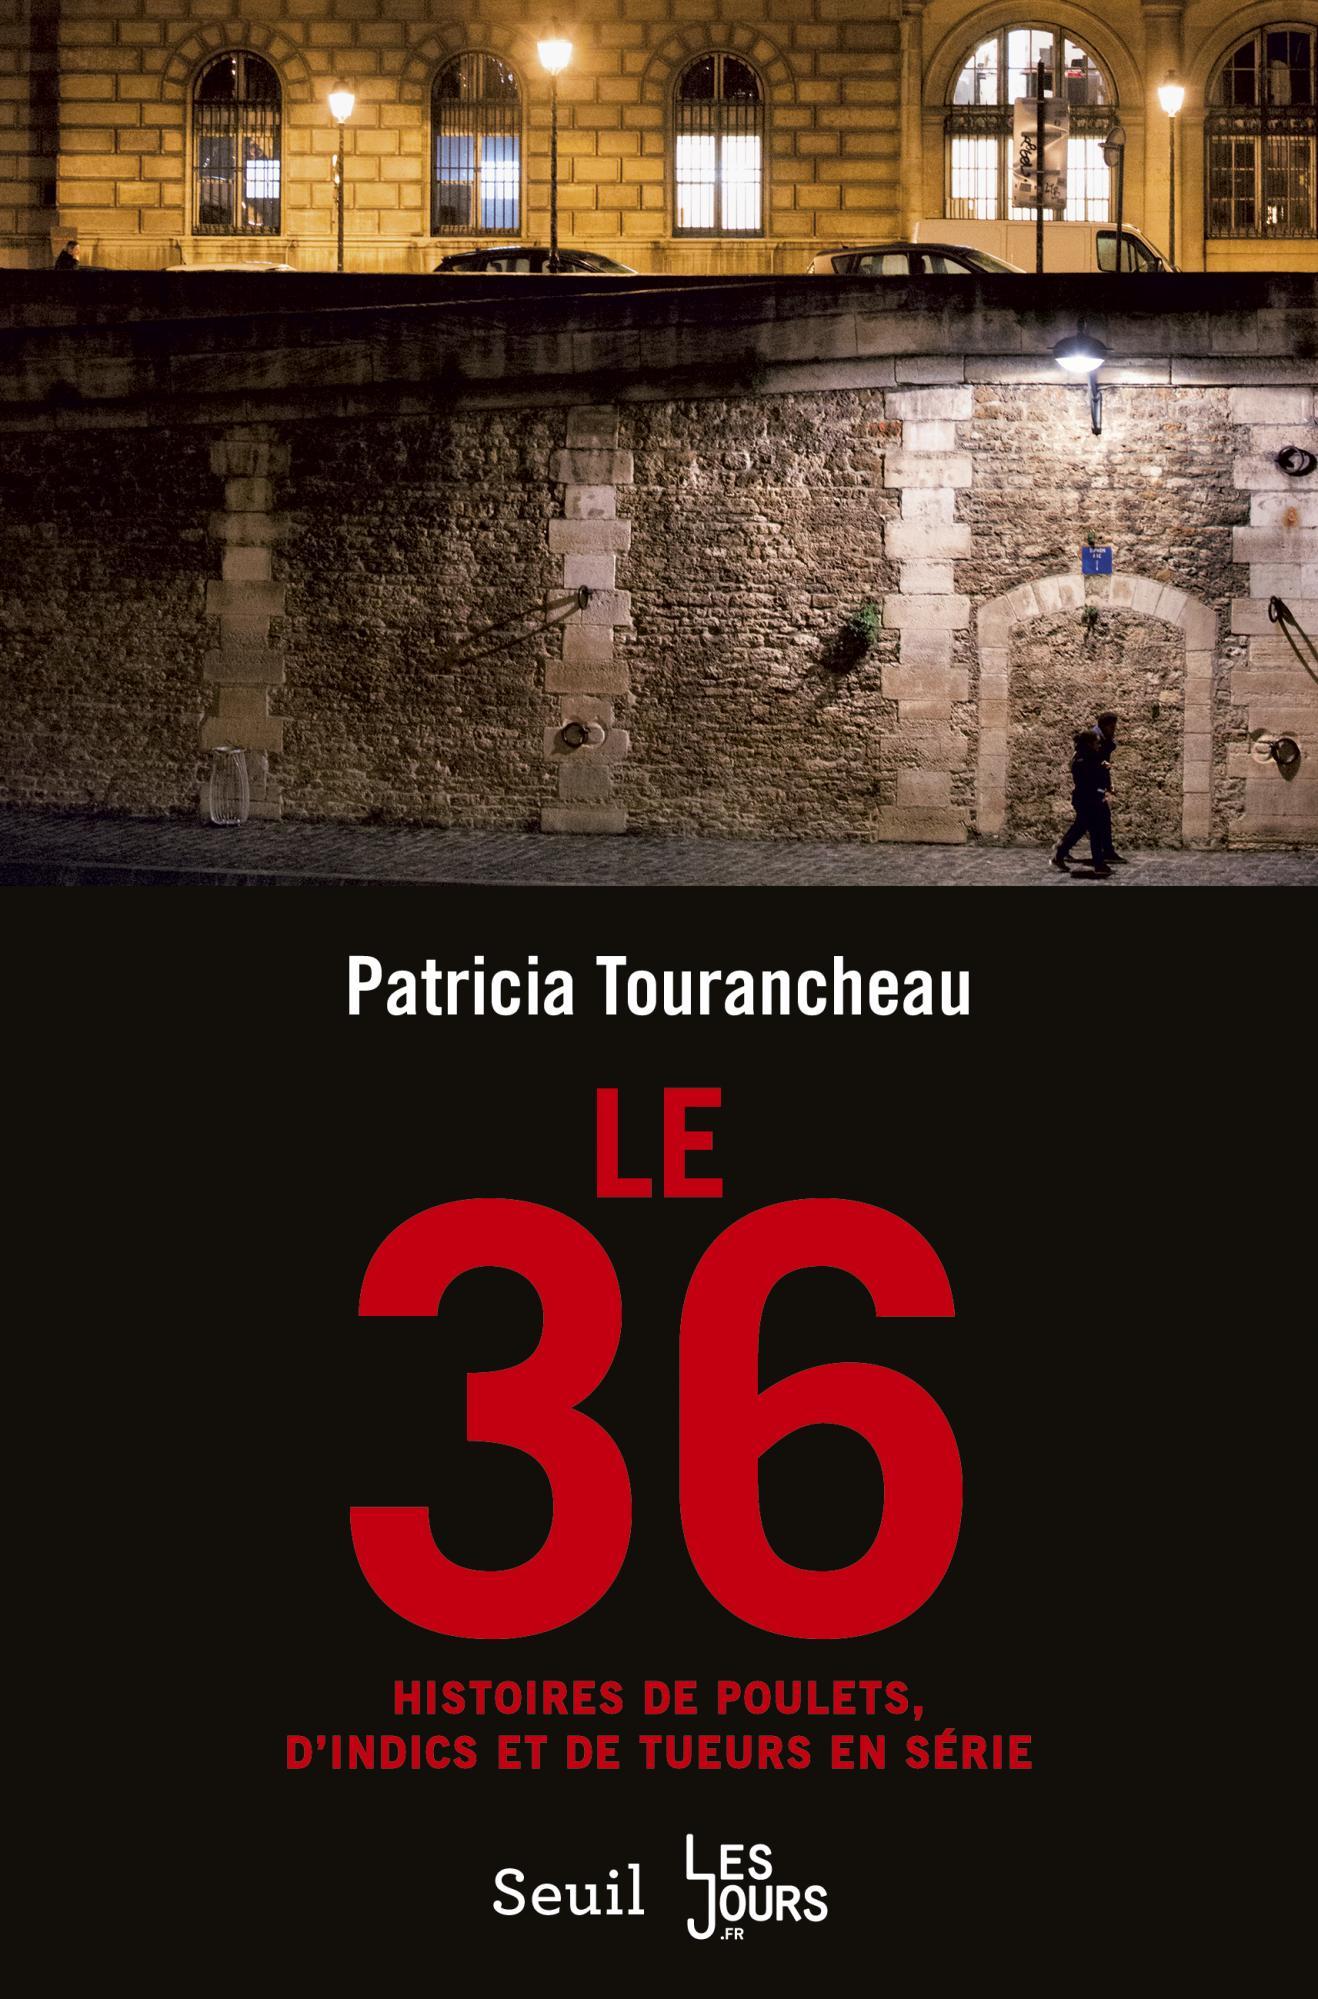 Le 36 - Histoires de poulets, d'indics et de tueurs en série - Patricia Tourancheau